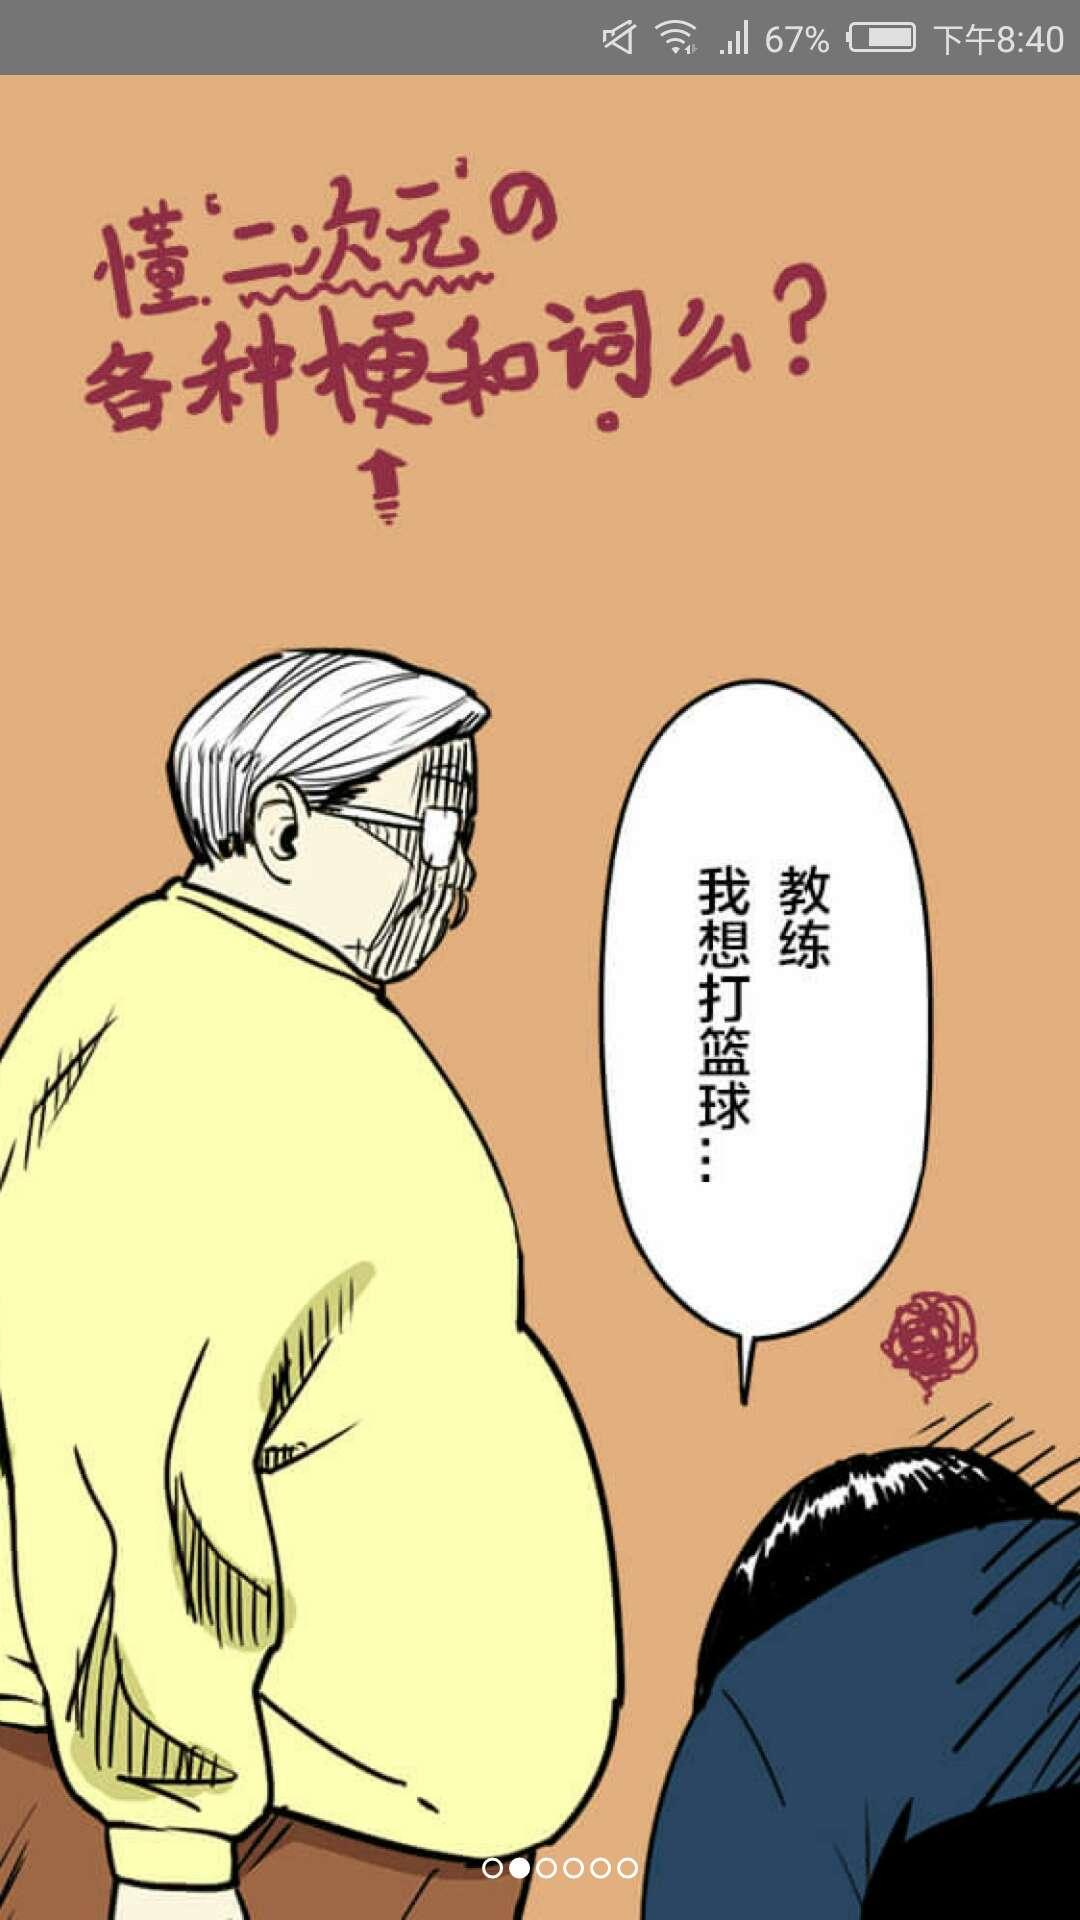 【资源分享】一起看漫画 版本2.5.8-爱小助